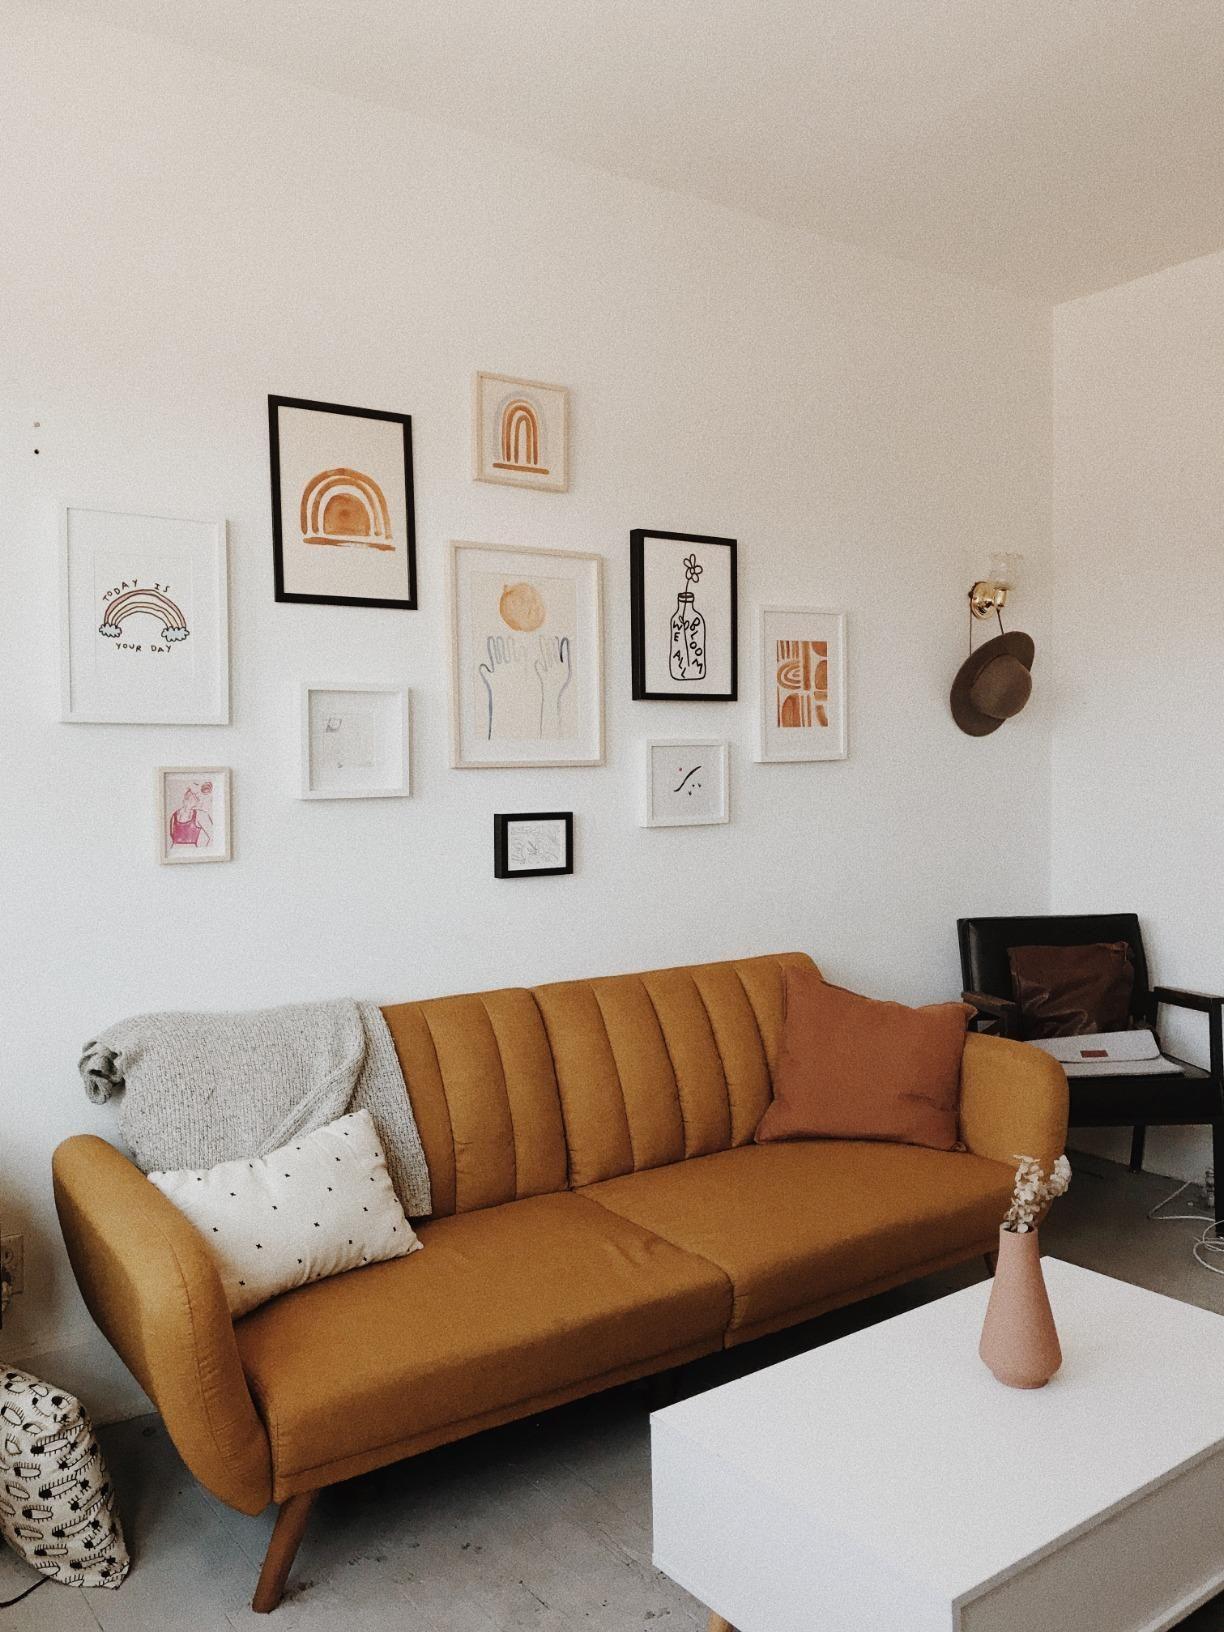 Amazon: Novogratz Brittany Sofa Futon, Premium Linen Regarding Brittany Sectional Futon Sofas (View 12 of 15)